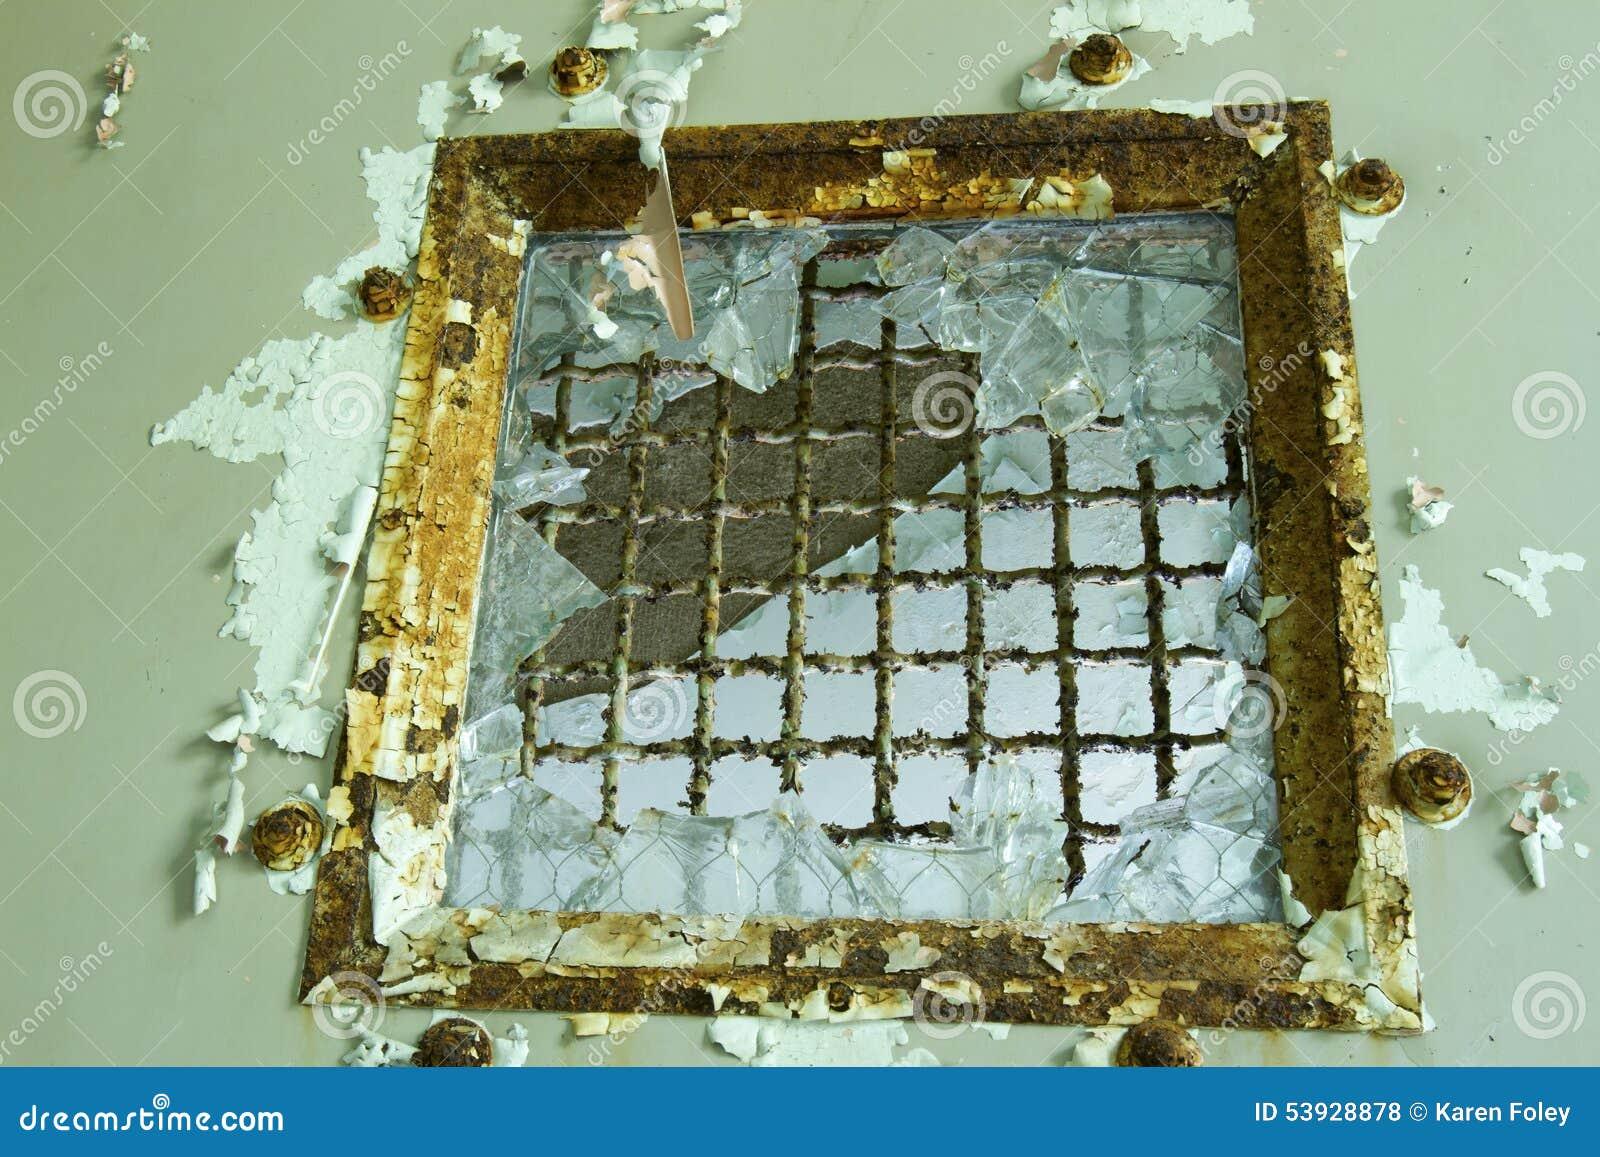 Broken Safety Glass In Door Stock Photo Image Of Hazard Entering